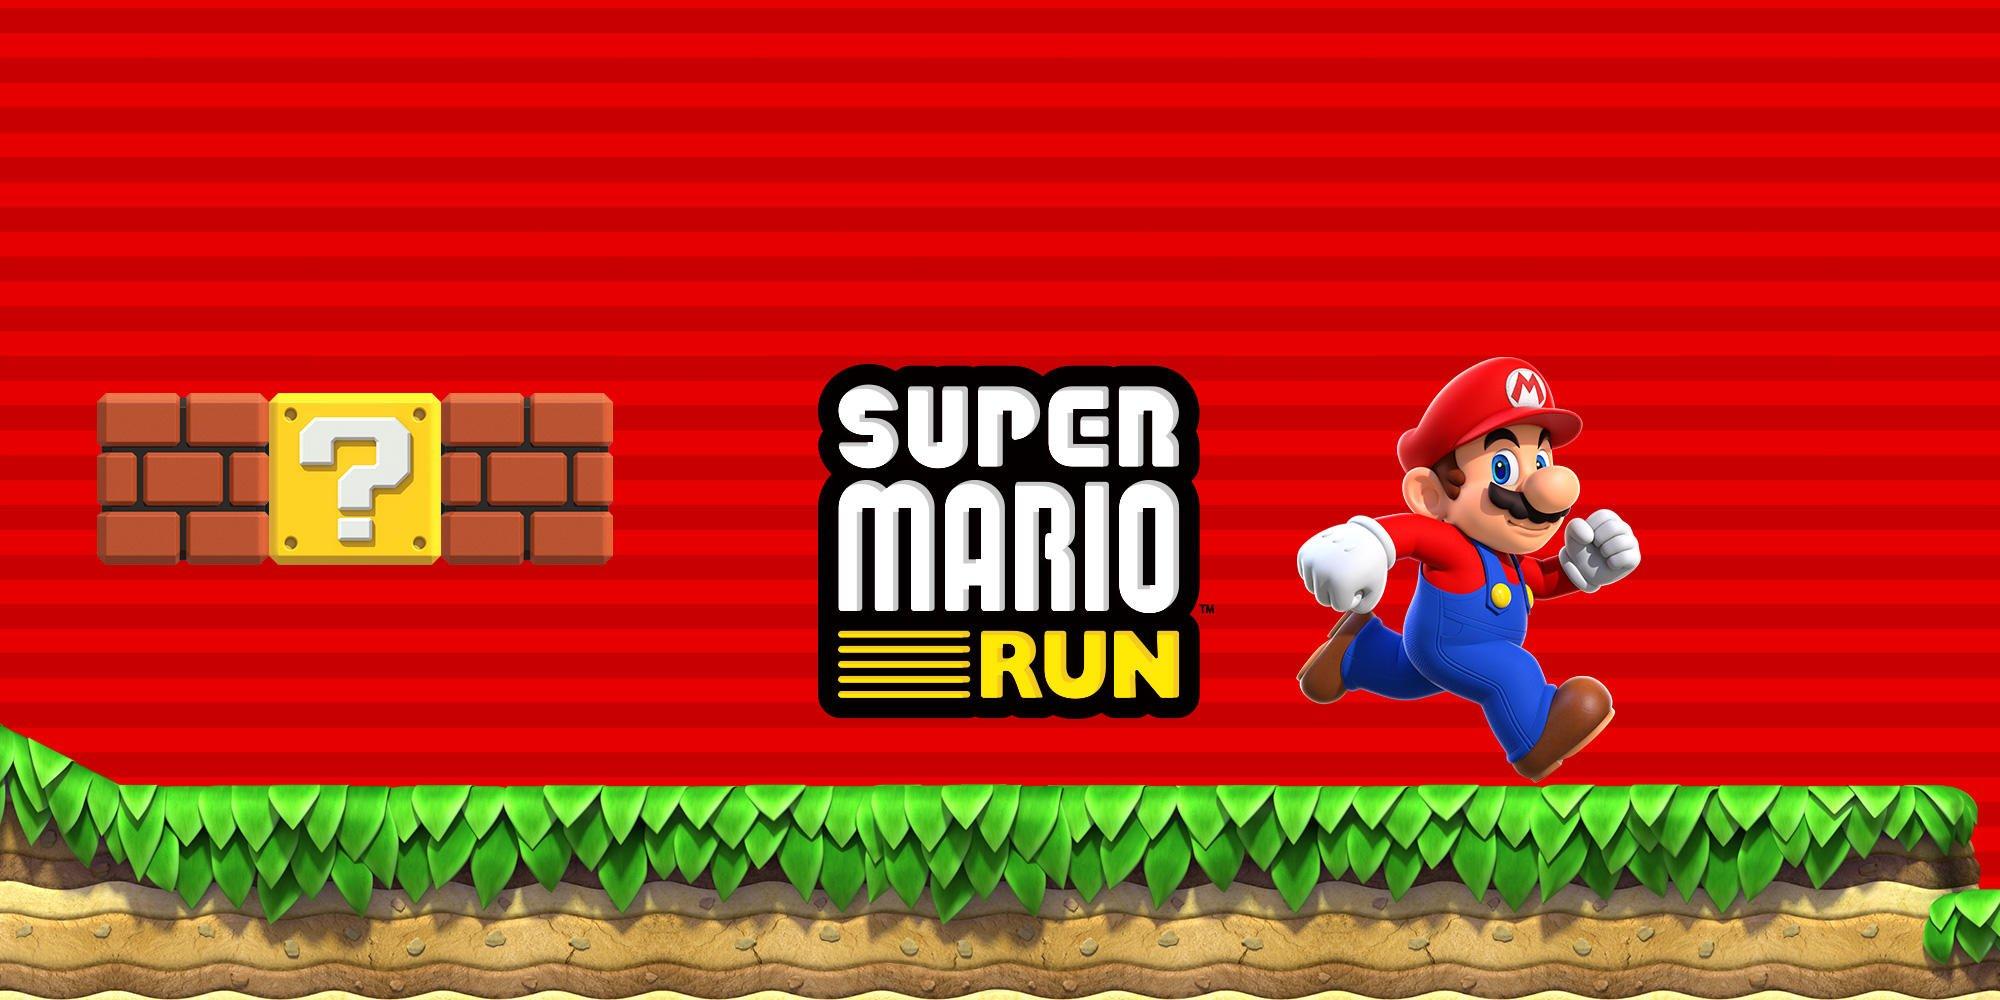 Llega Super Mario Run, se esperan 30 millones de descargas el primer mes